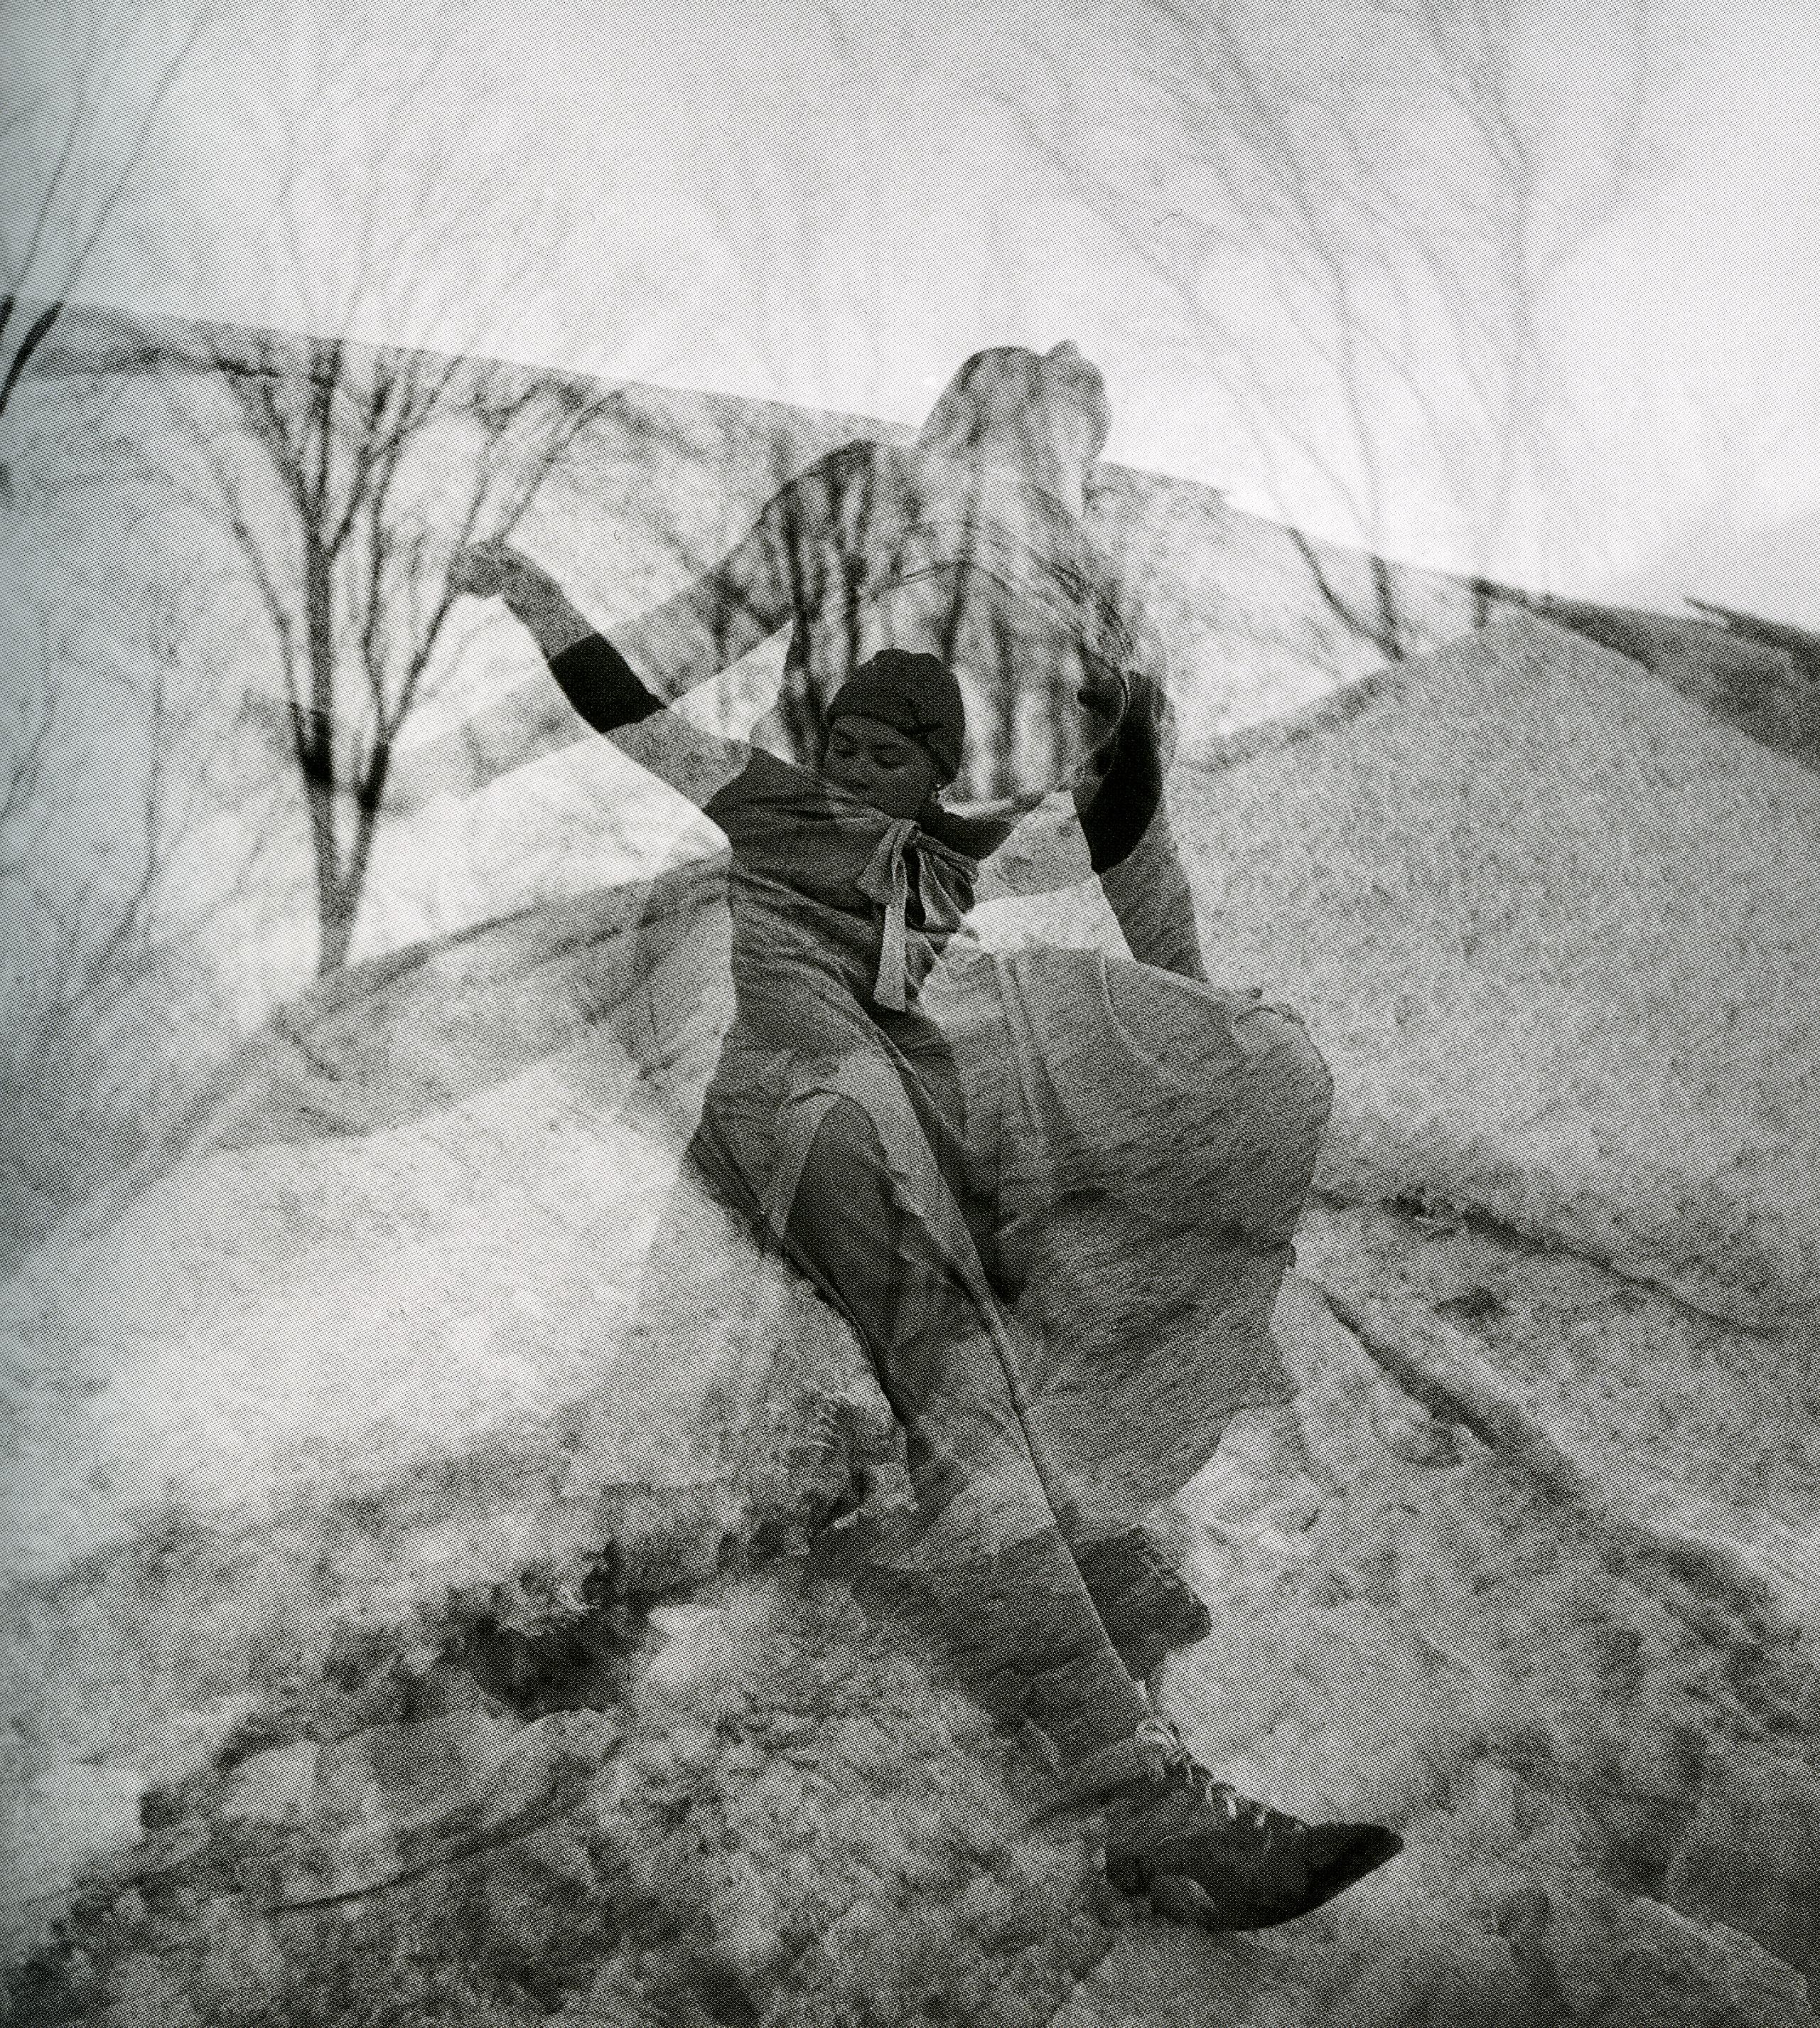 Perron_FSullivan_dans dans la neige_fév1948_pl36_p104